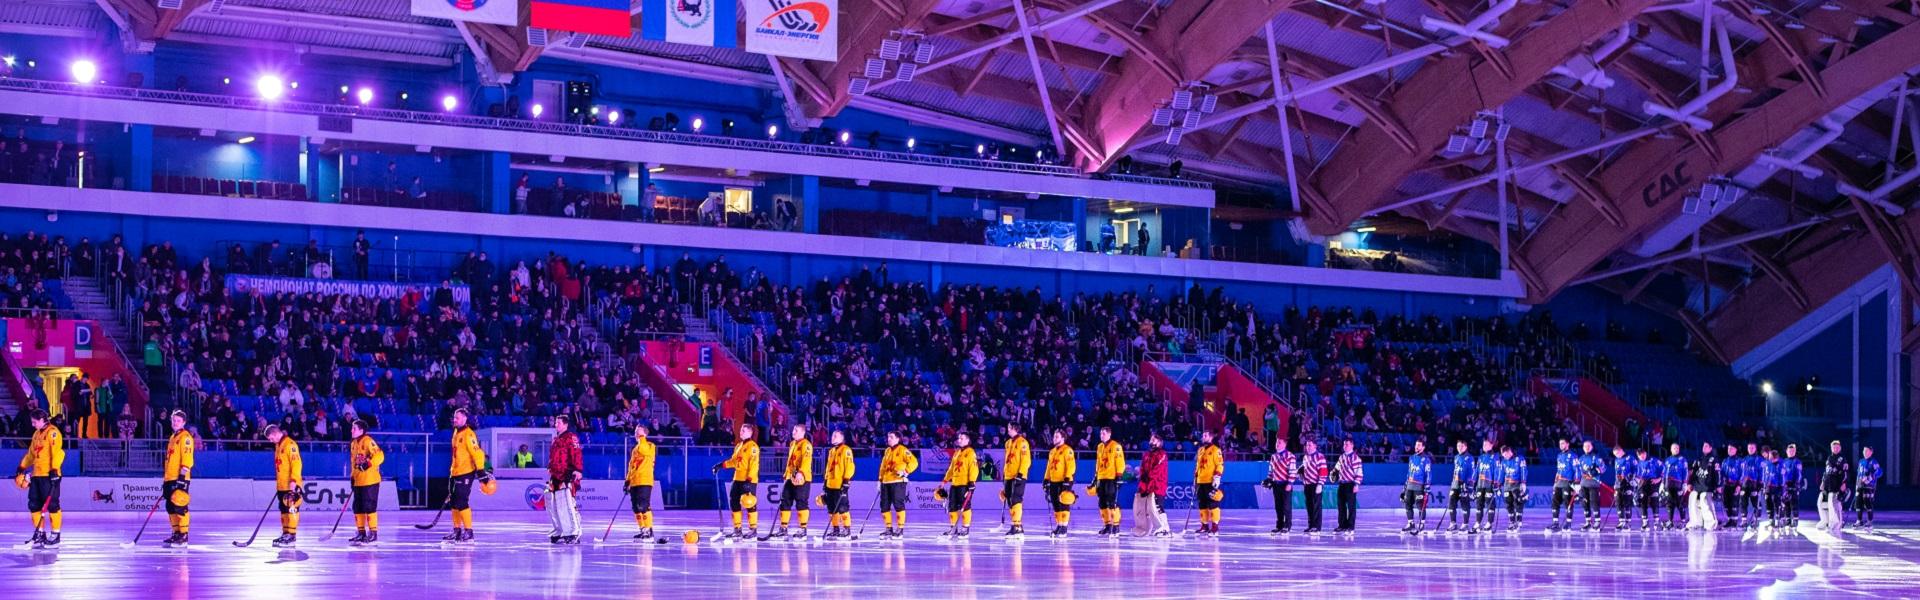 Подготовка к хоккейному матчу. Что интересного происходит до выхода команды на лед